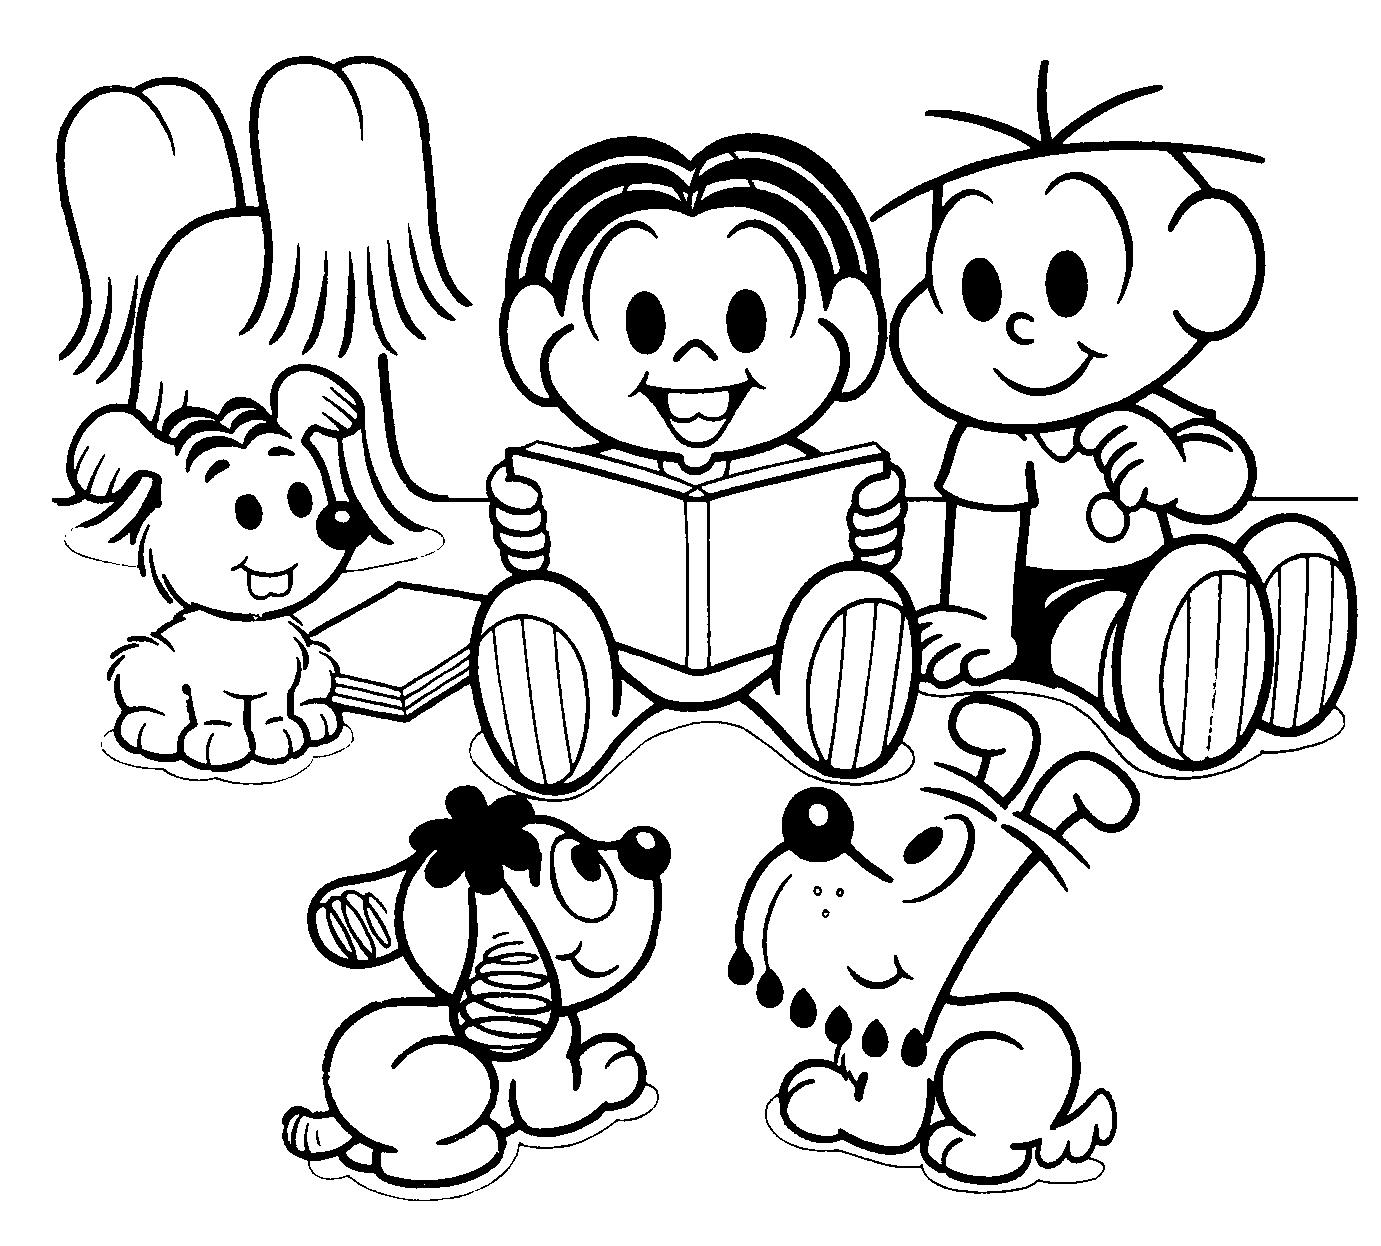 Desenhos - Dia do Livro Infantil para Colorir - Desenhos Para Colorir